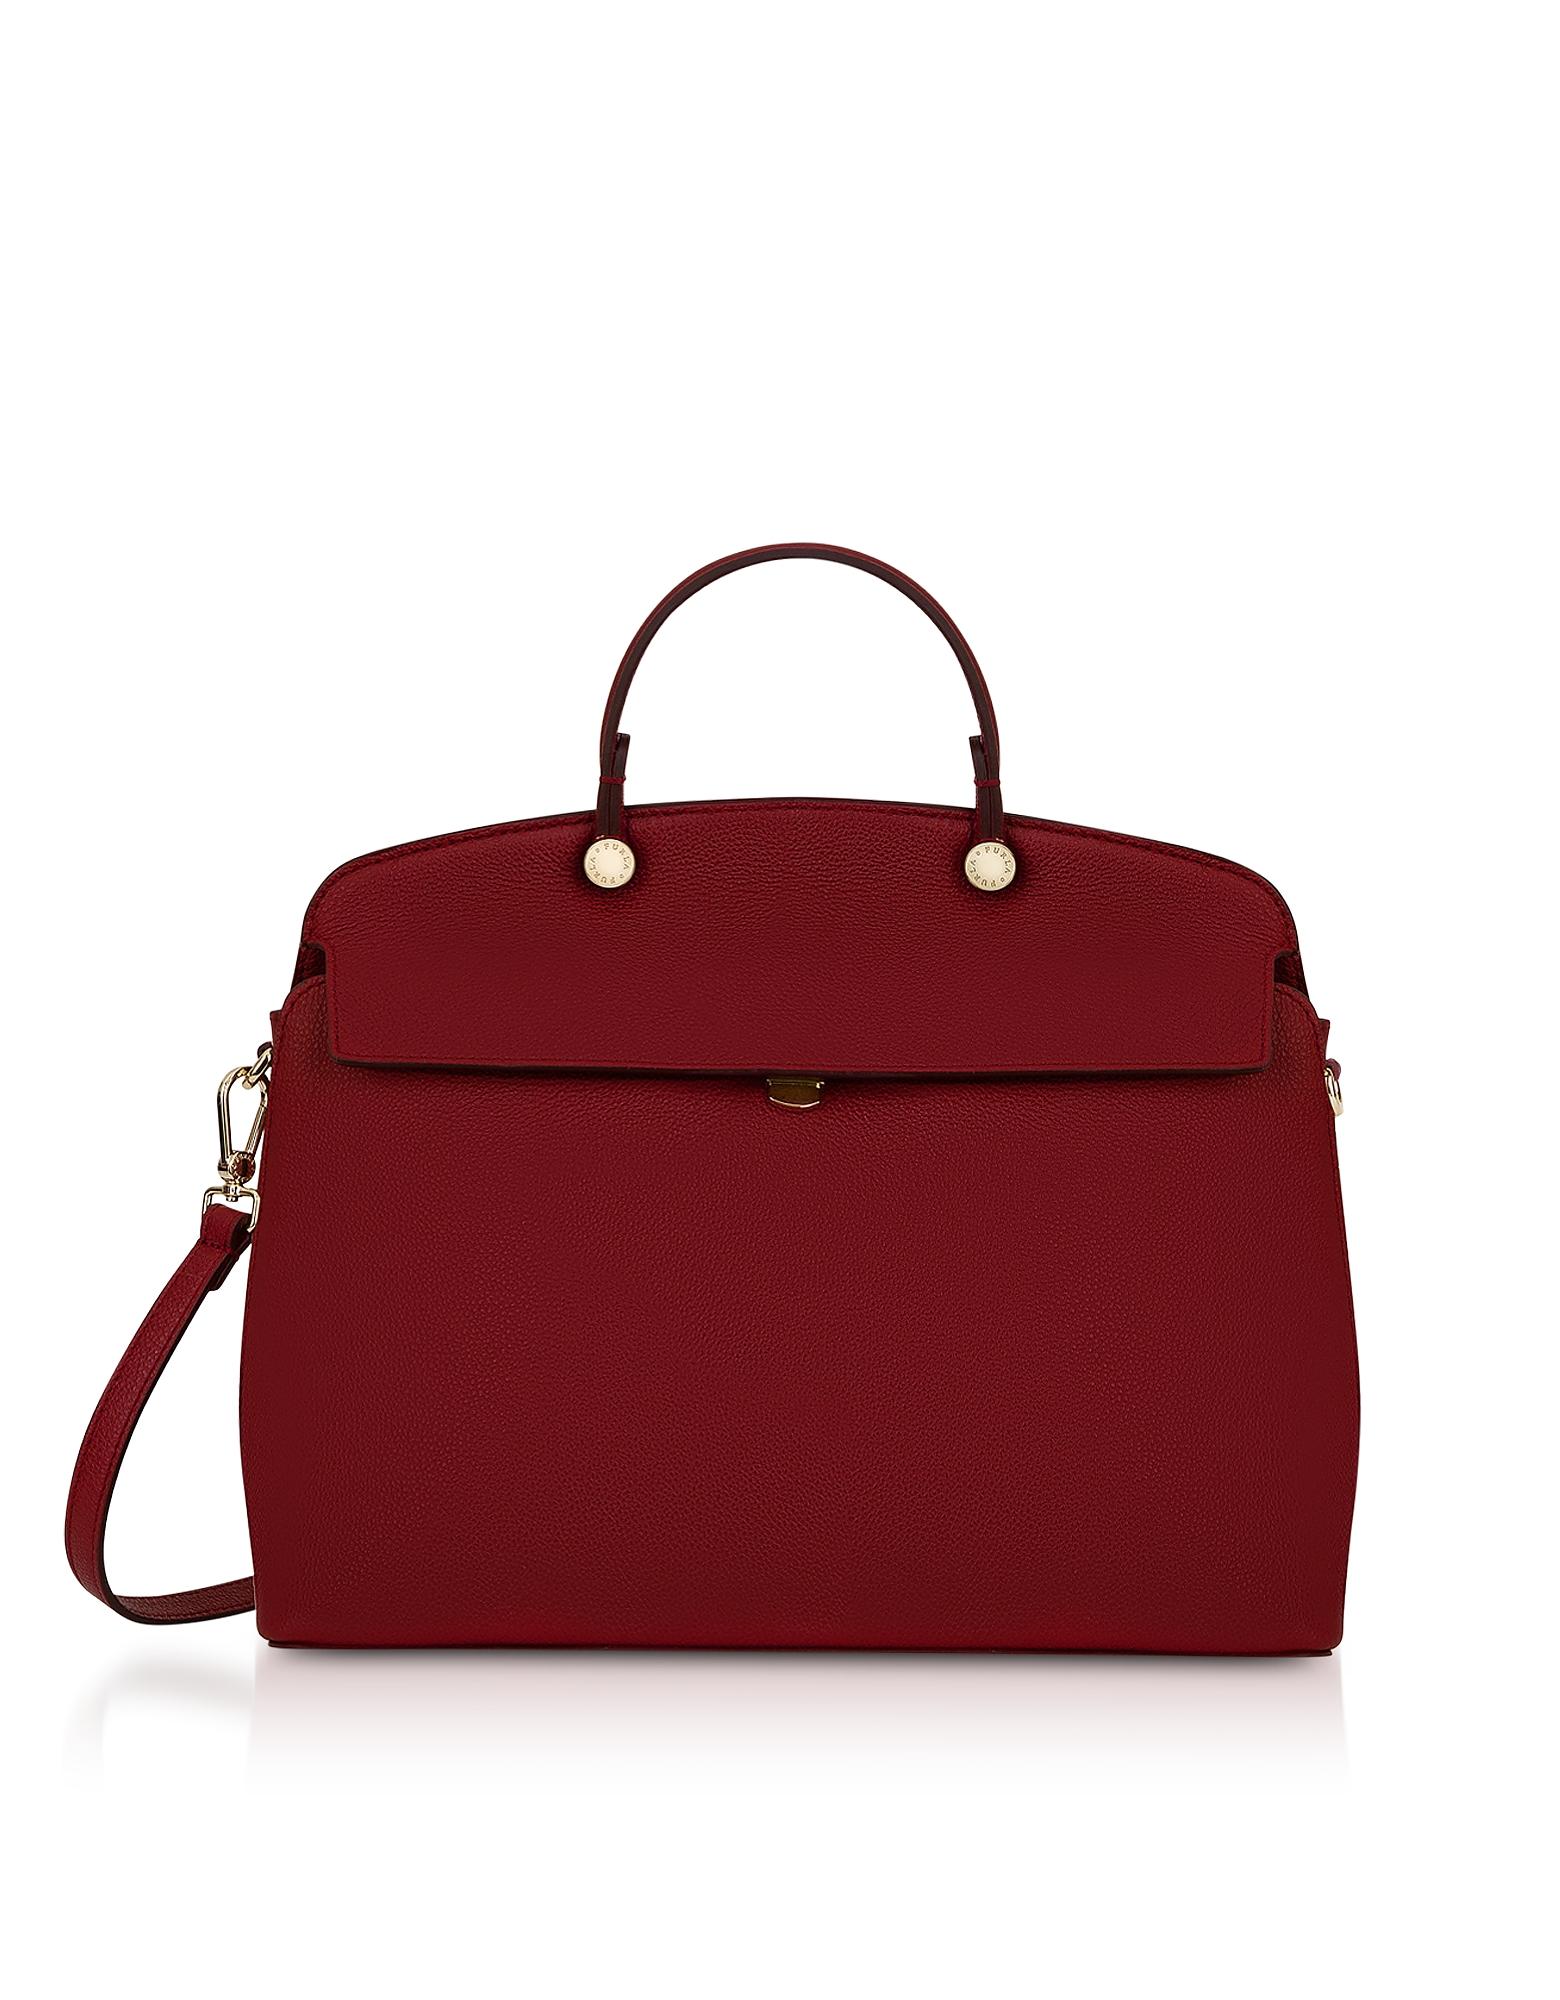 Furla Handbags, My Piper M Satchel Bag